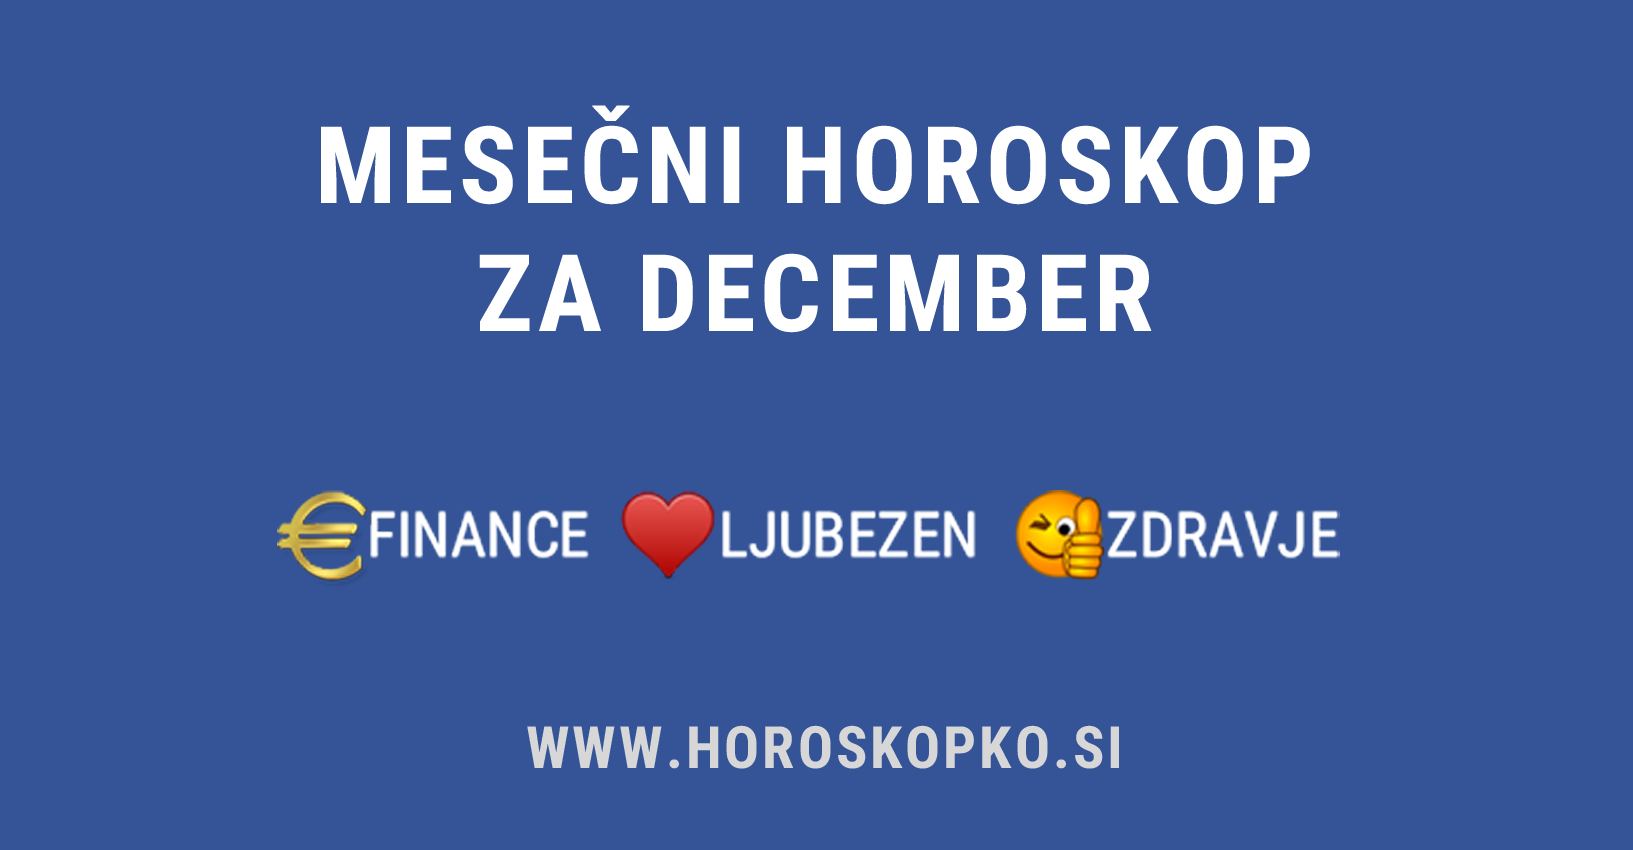 horoskop december 2017